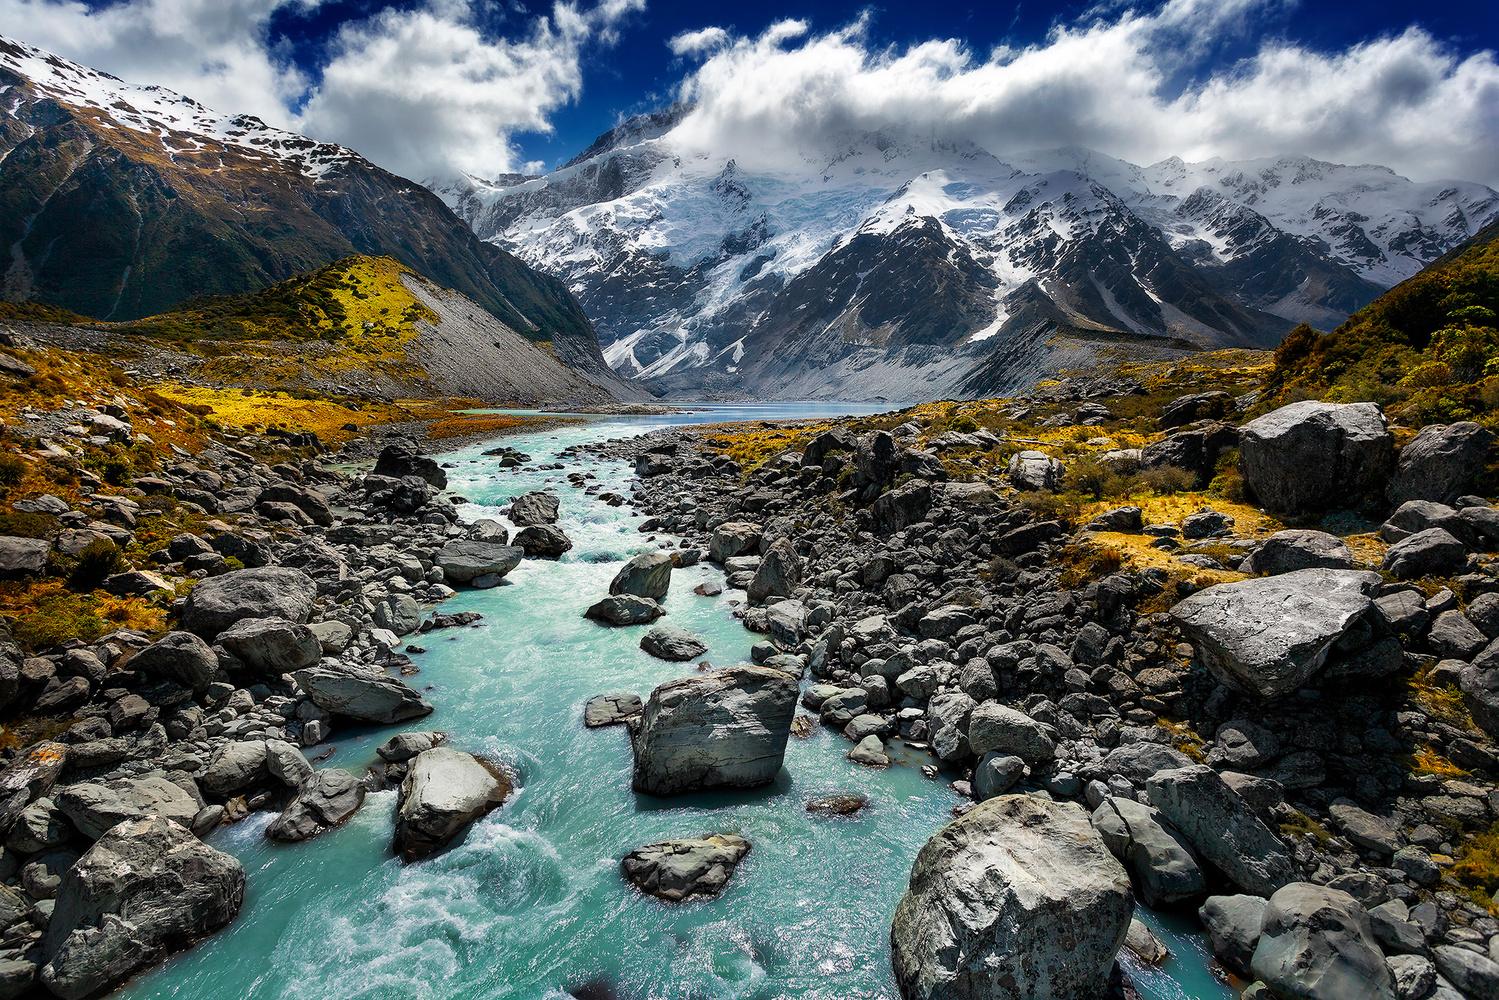 Mueller River by Kieran Stone